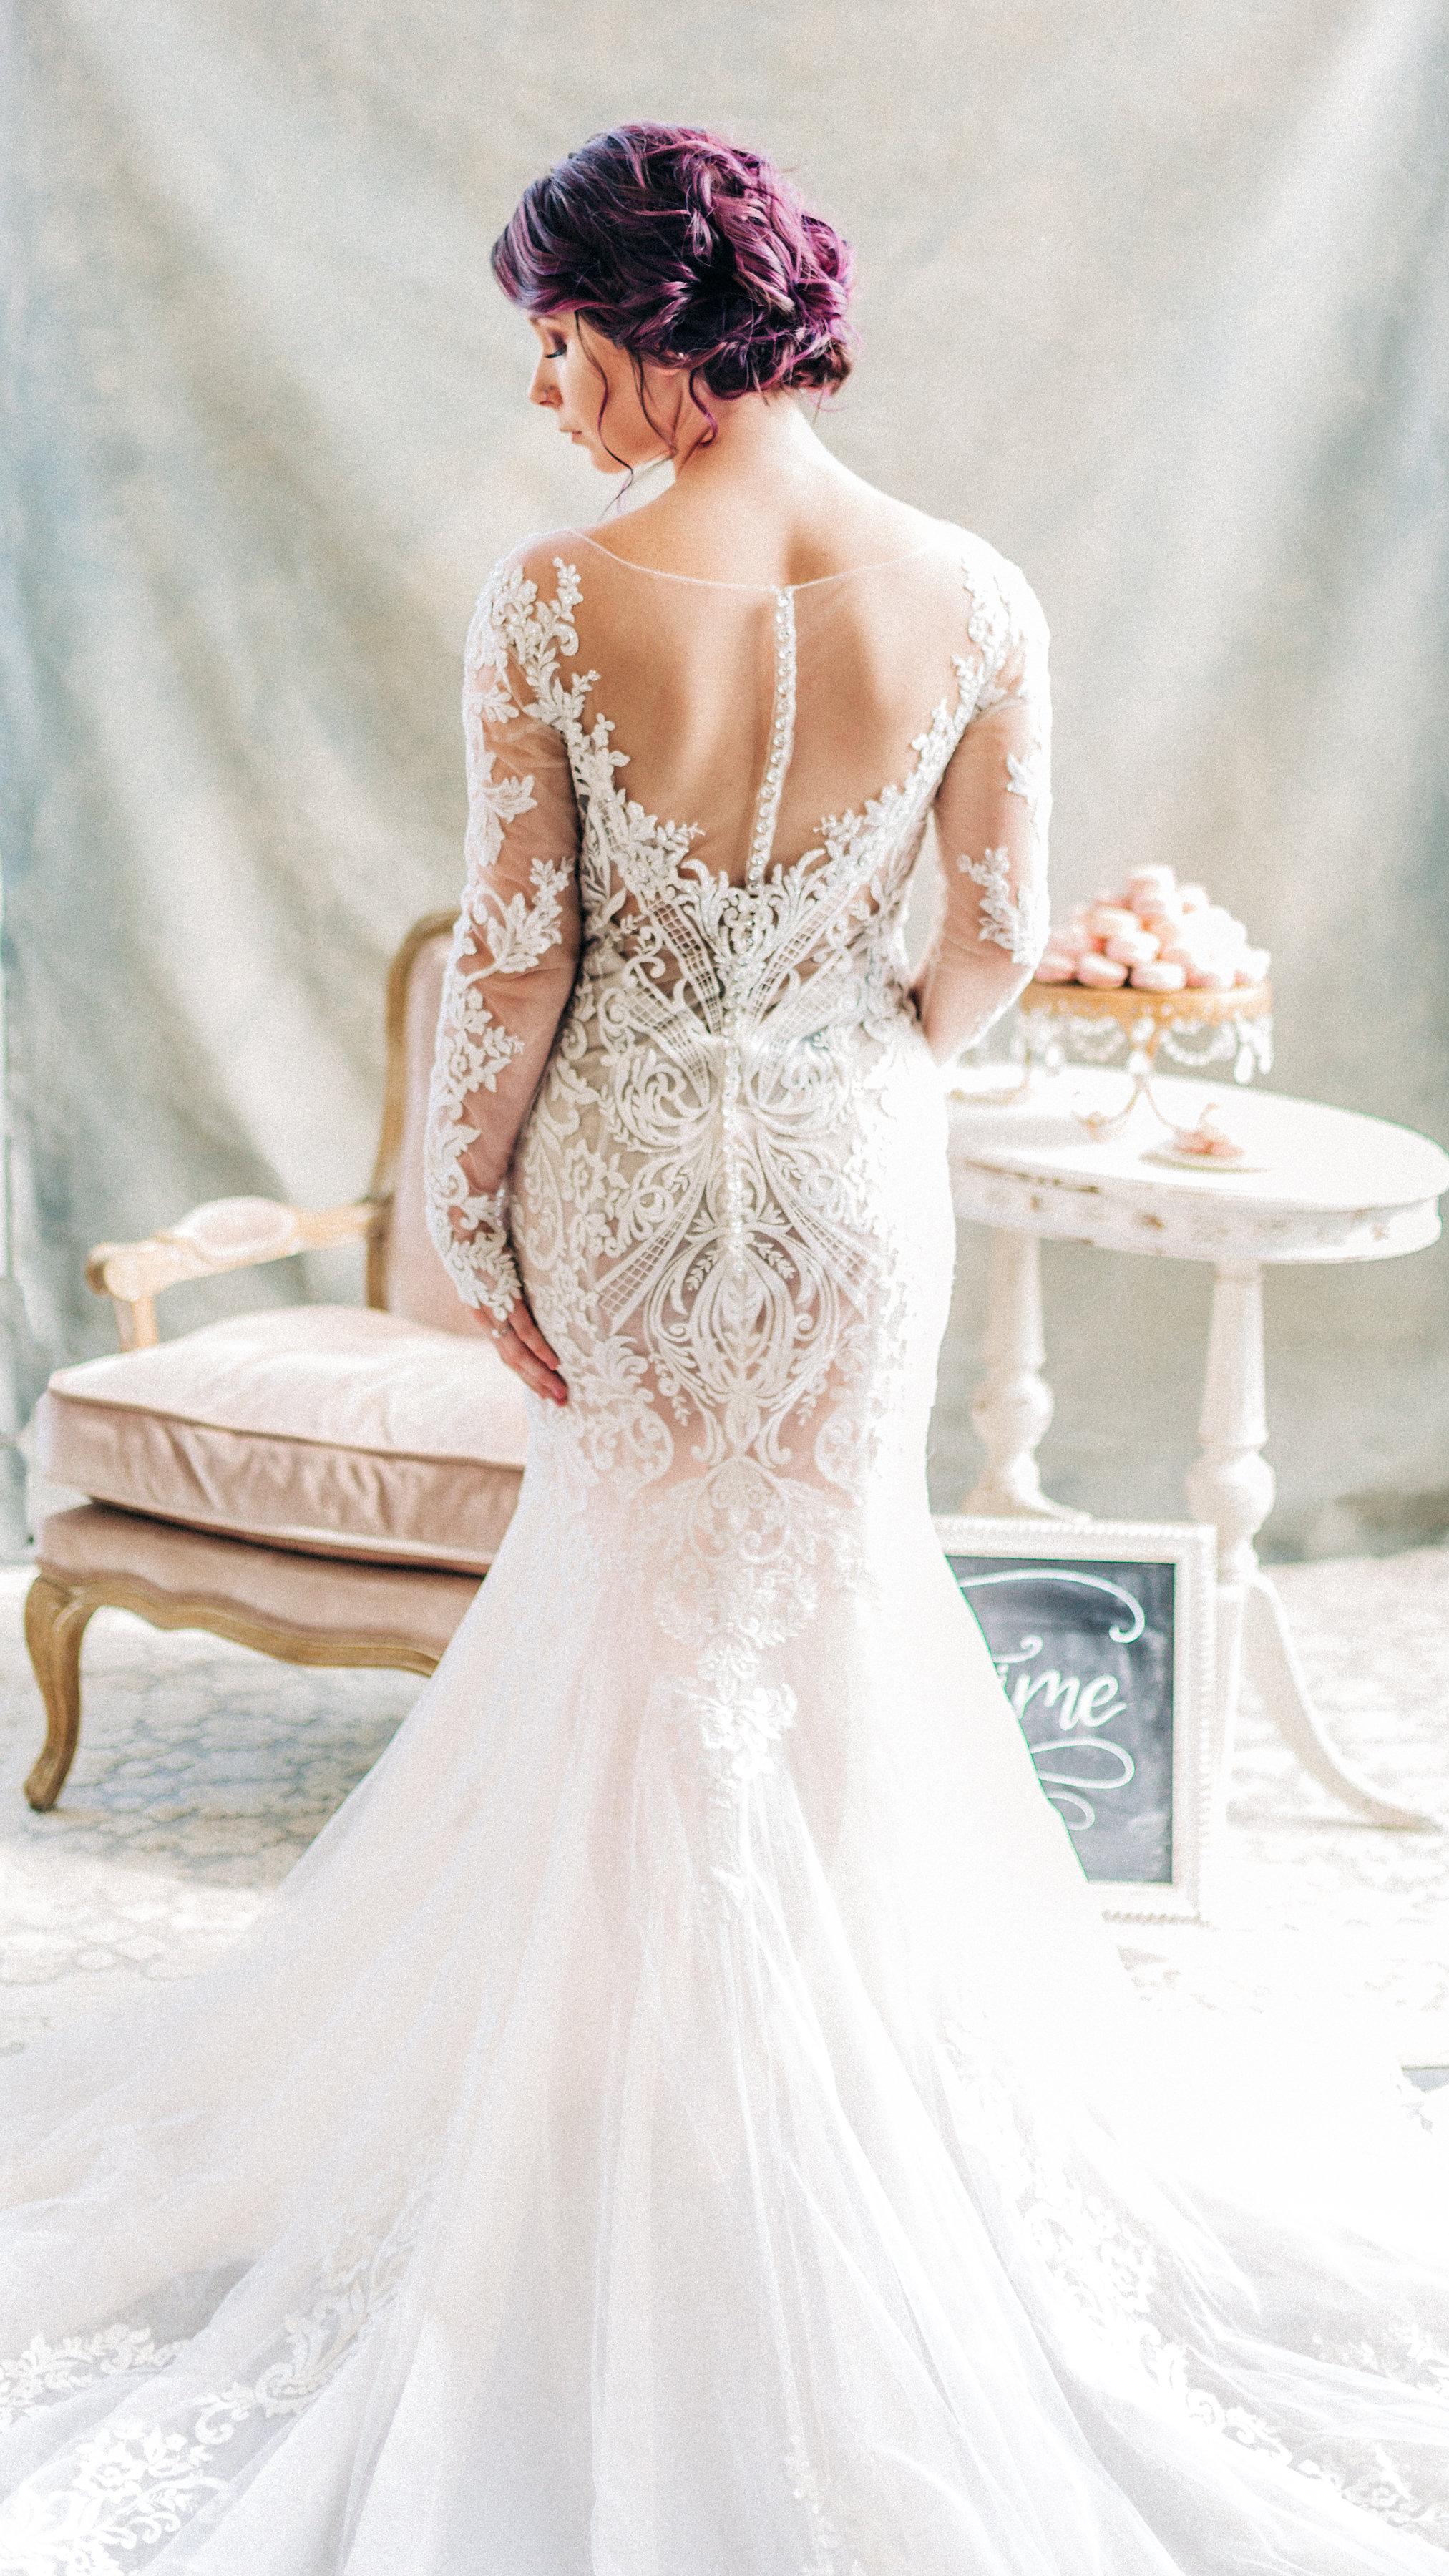 BoChic Bridal Boutique - Reading Bridal District Cincinnati - Cincinnati Wedding Planner